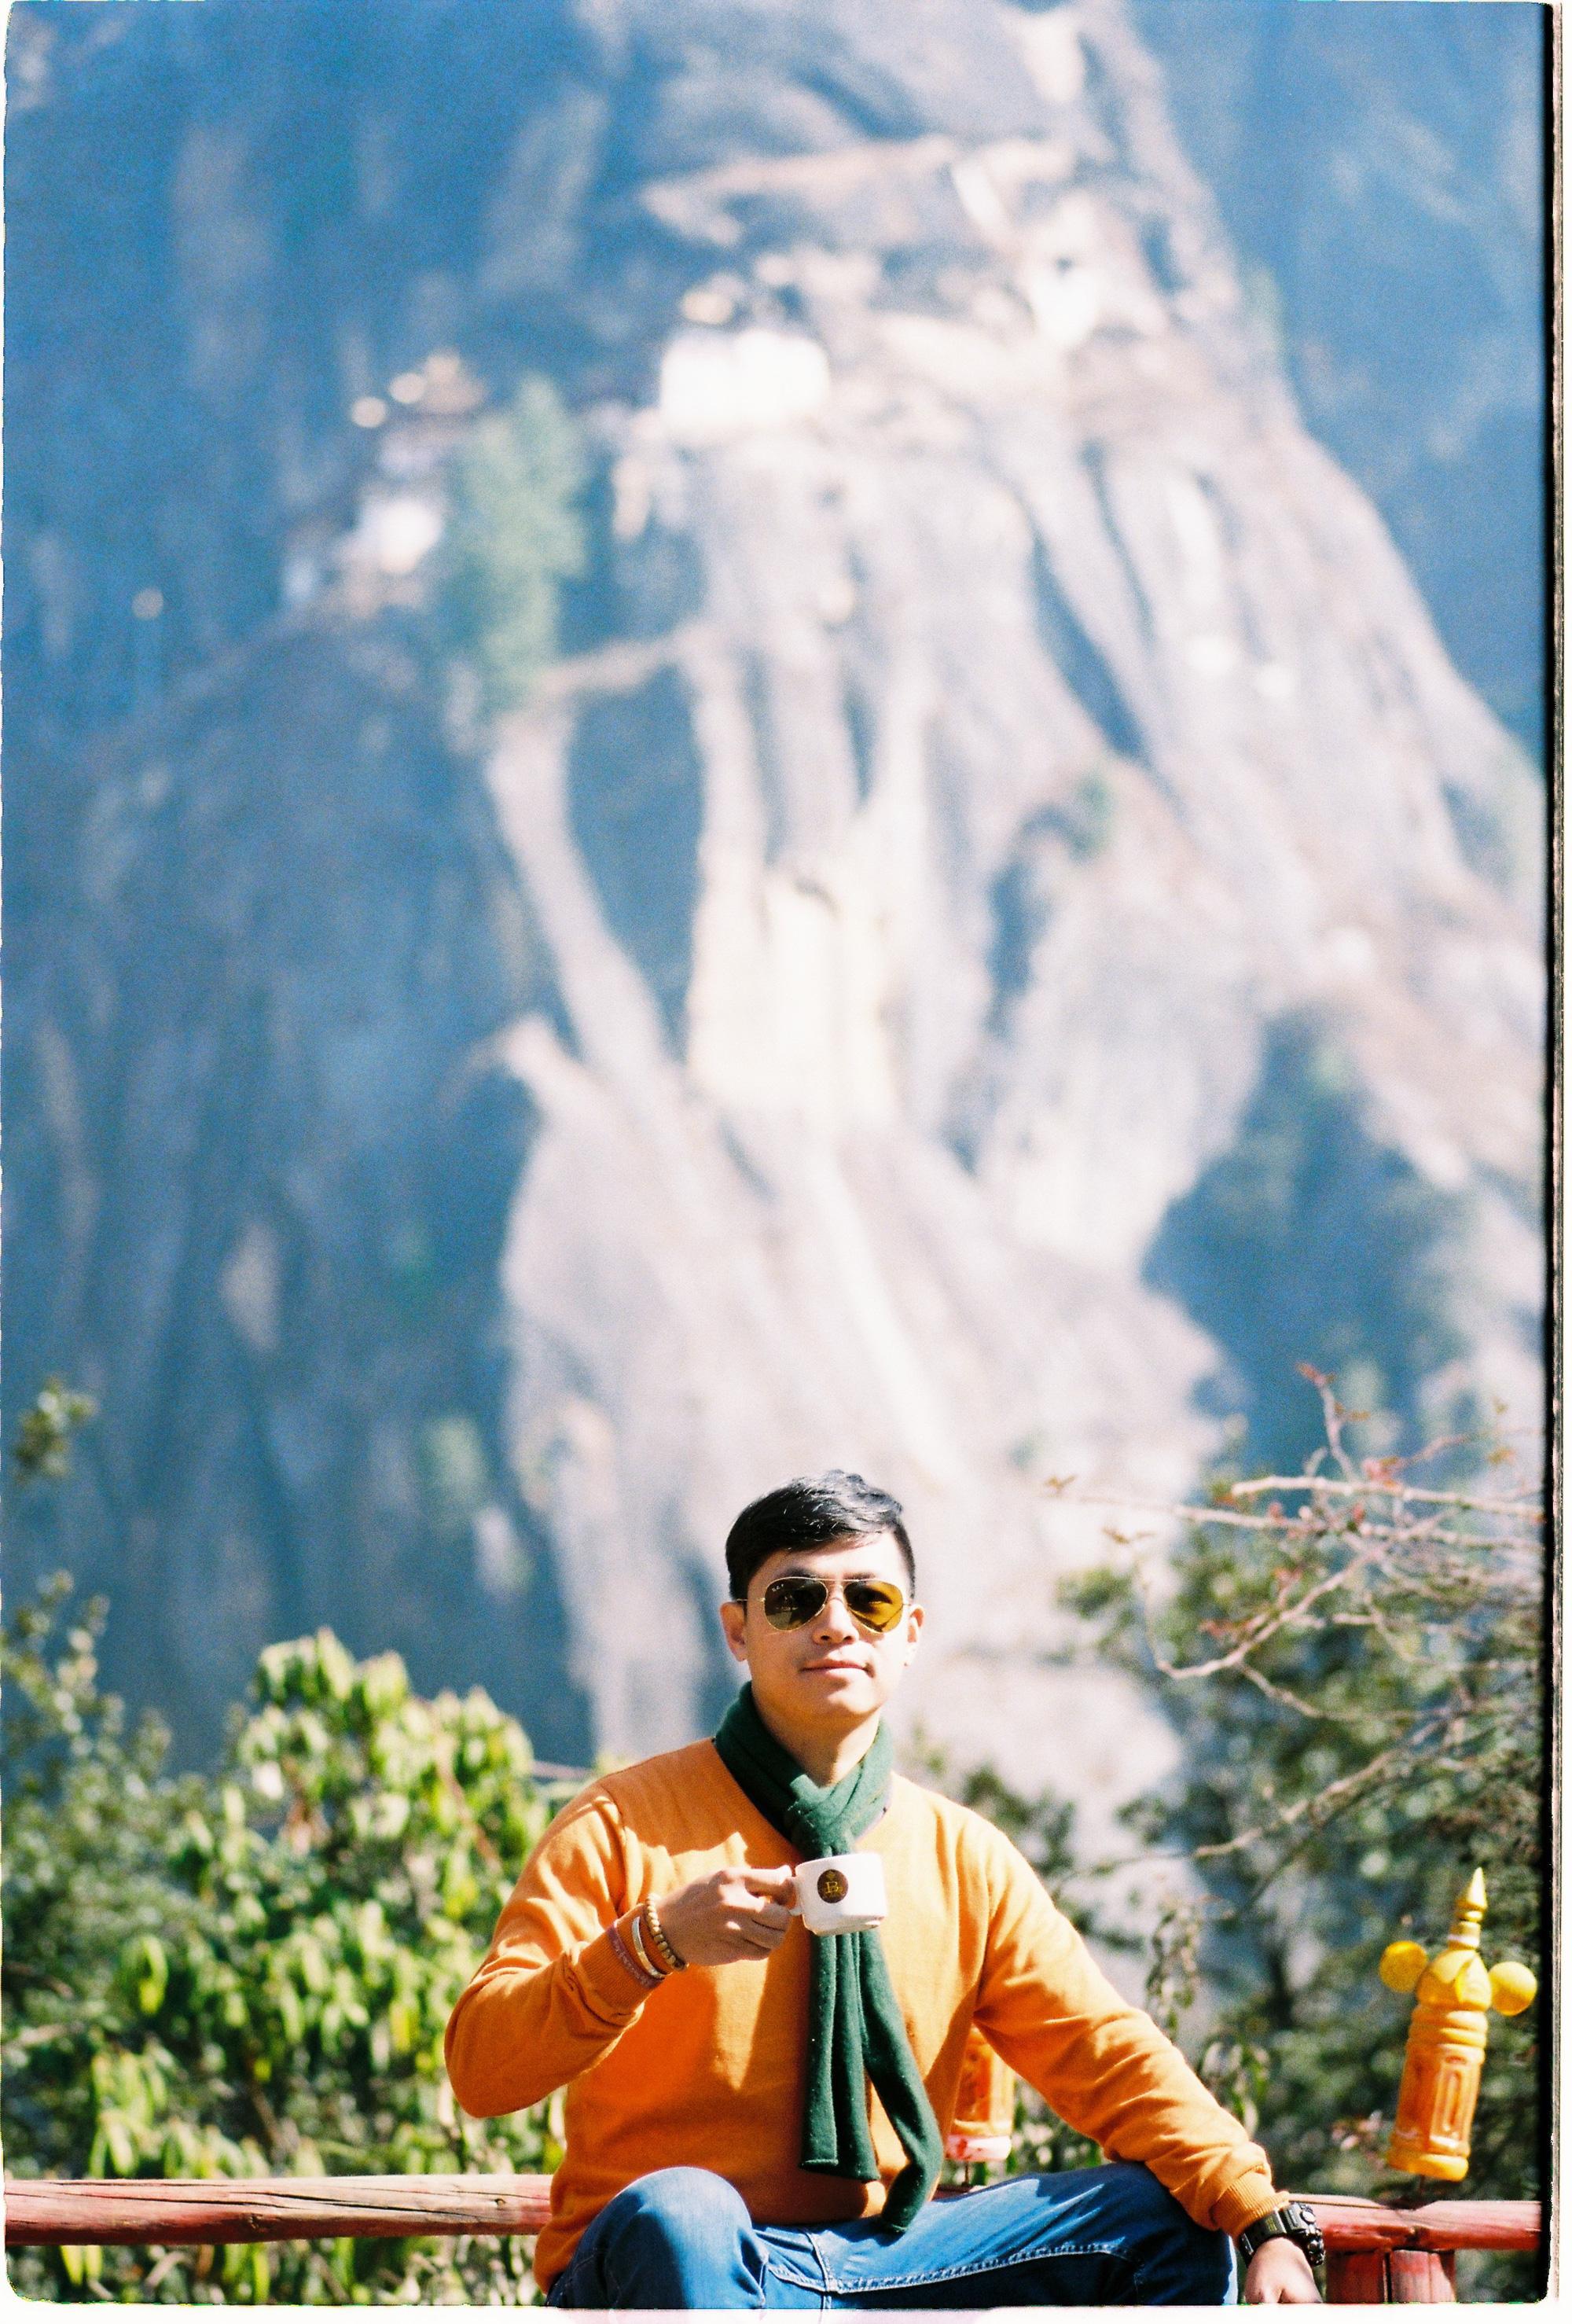 """Nguyễn Mạnh Duy, chủ dự án """"Ngôi nhà văn hoá Tây Tạng"""": """"Xứ tuyết Himalaya dẫn tôi tìm thấy hạnh phúc"""" - Ảnh 7."""